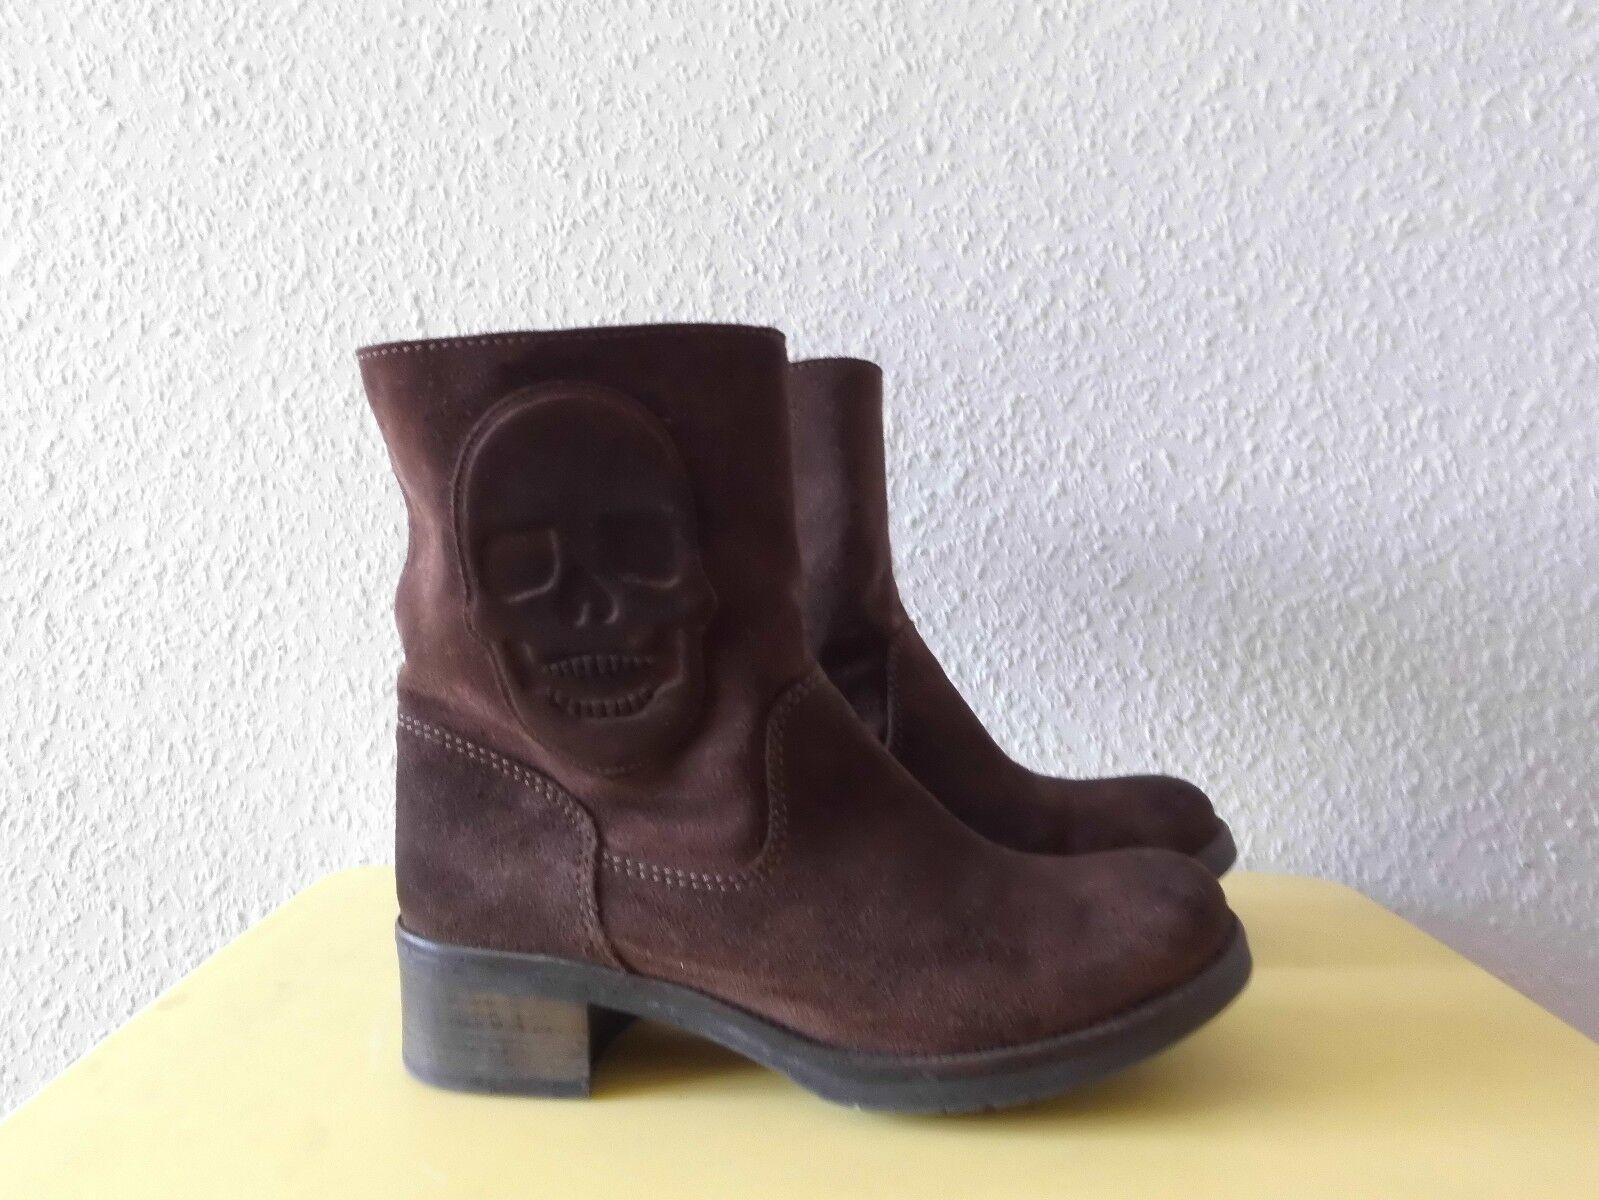 Stiefeletten Stiefel  Schlupfstiefel  LIEBESKIND Berlin Gr.38  Stiefel Leder  TOP da4e80